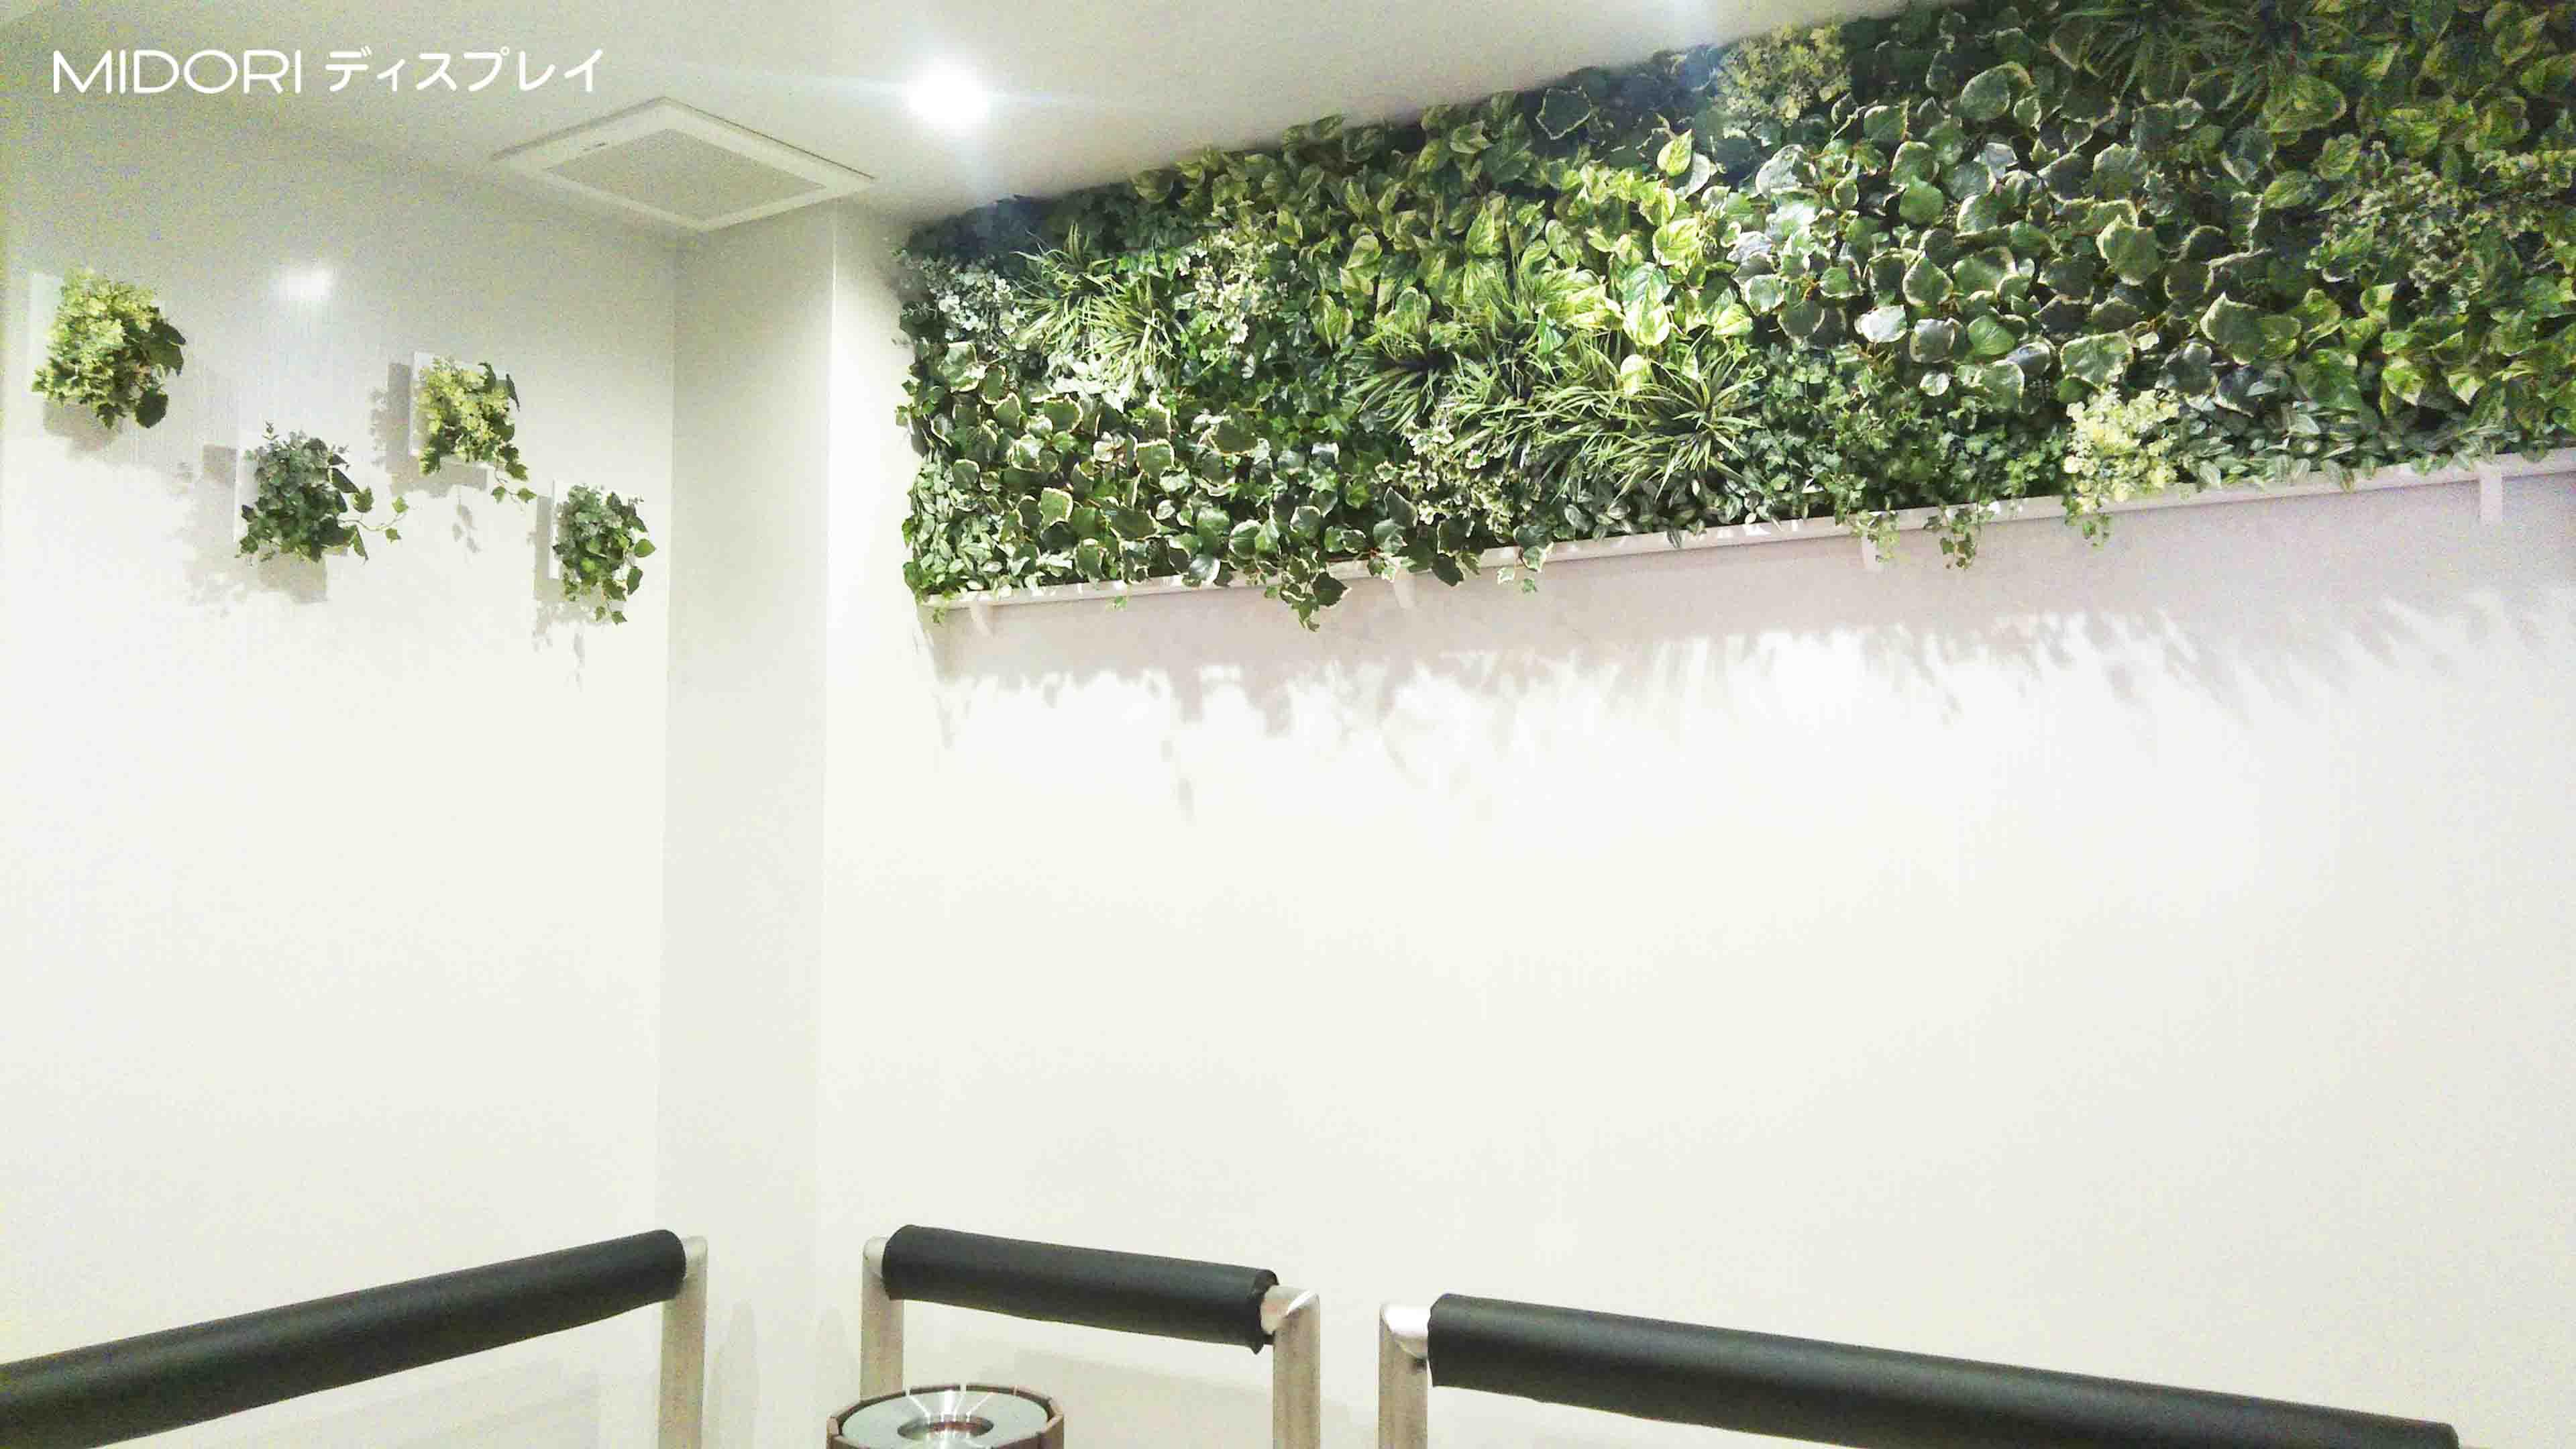 アミューズメント施設内喫煙室へのアートグリーンフレーム施工